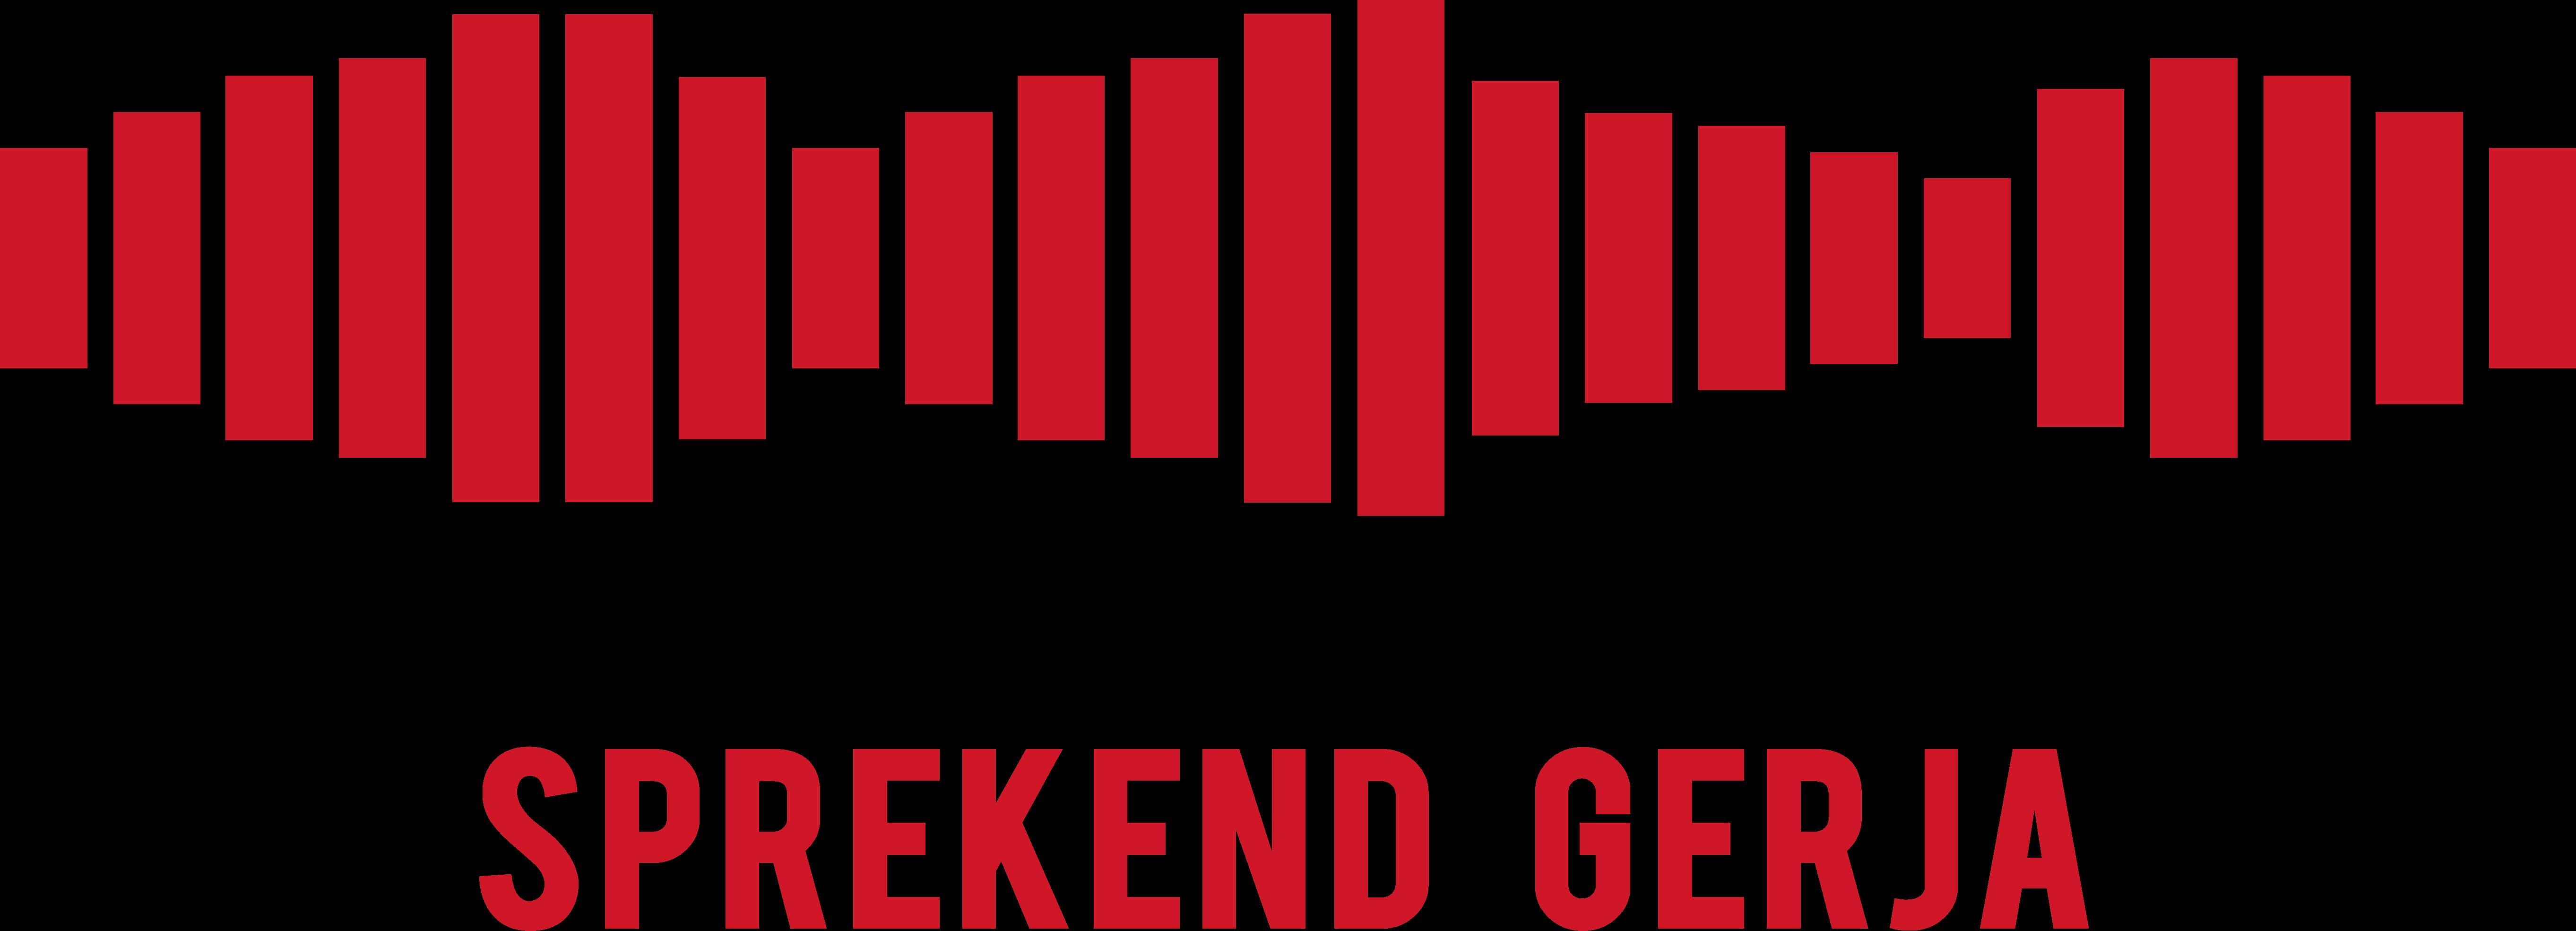 Sprekend-Gerja-logo